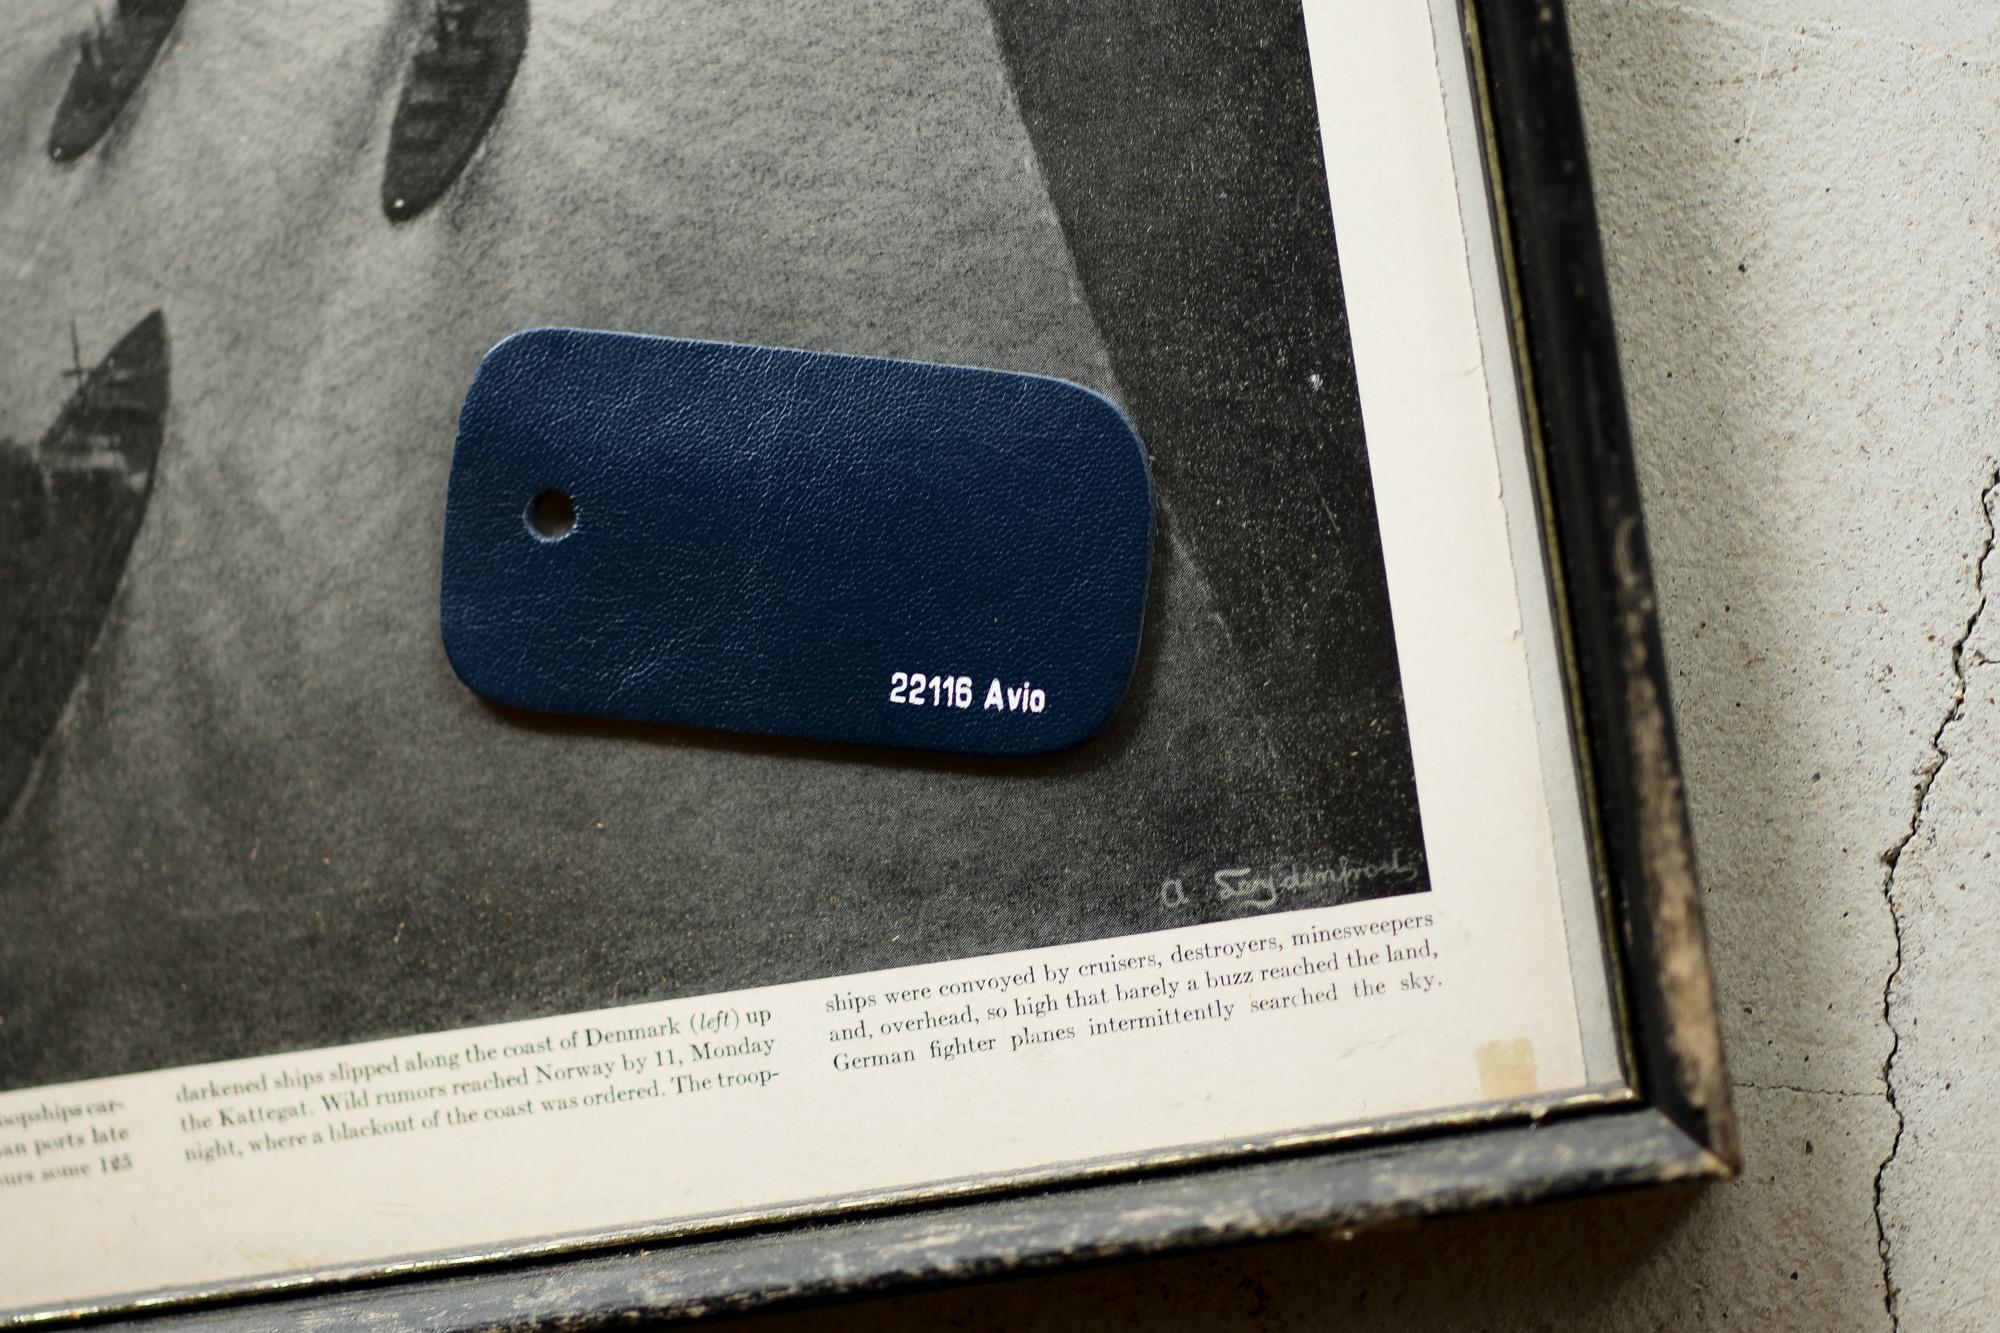 CINQUANTA(チンクアンタ) H502 STAND COLLAR RIDERS (スタンド カラー ジャケット) NAPPA LEATHER ナッパレザー シングルライダース ジャケット NAVY SILVER (ネイビーシルバー)  Made in italy (イタリア製) 2022 春夏 【ご予約開始】 愛知 名古屋 Alto e Diritto altoediritto アルトエデリット レザージャケット